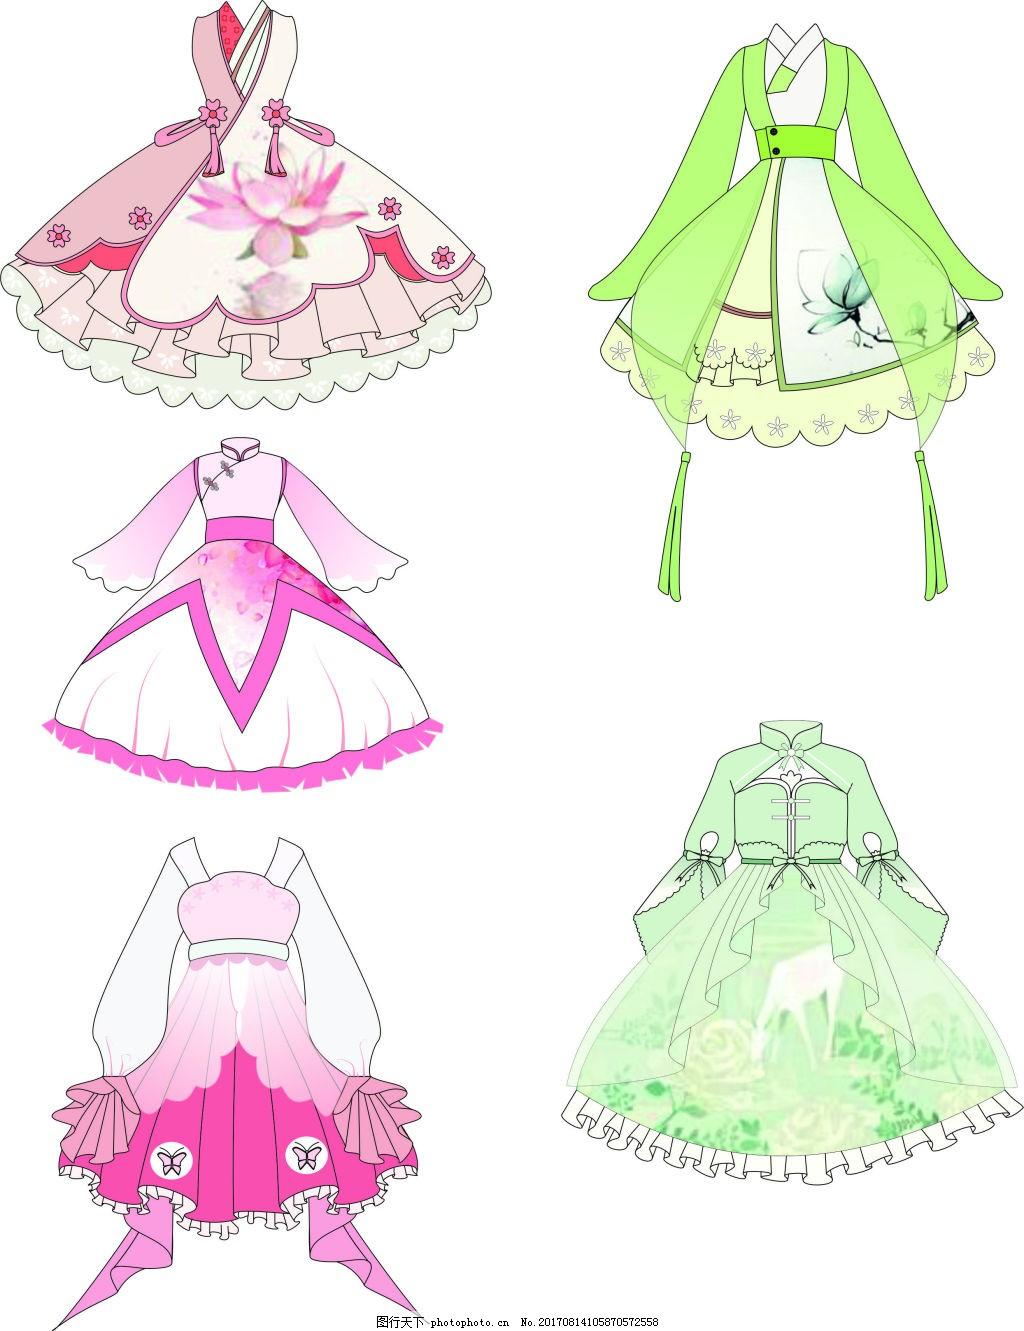 服装款式图 古风 矢量图 裙子